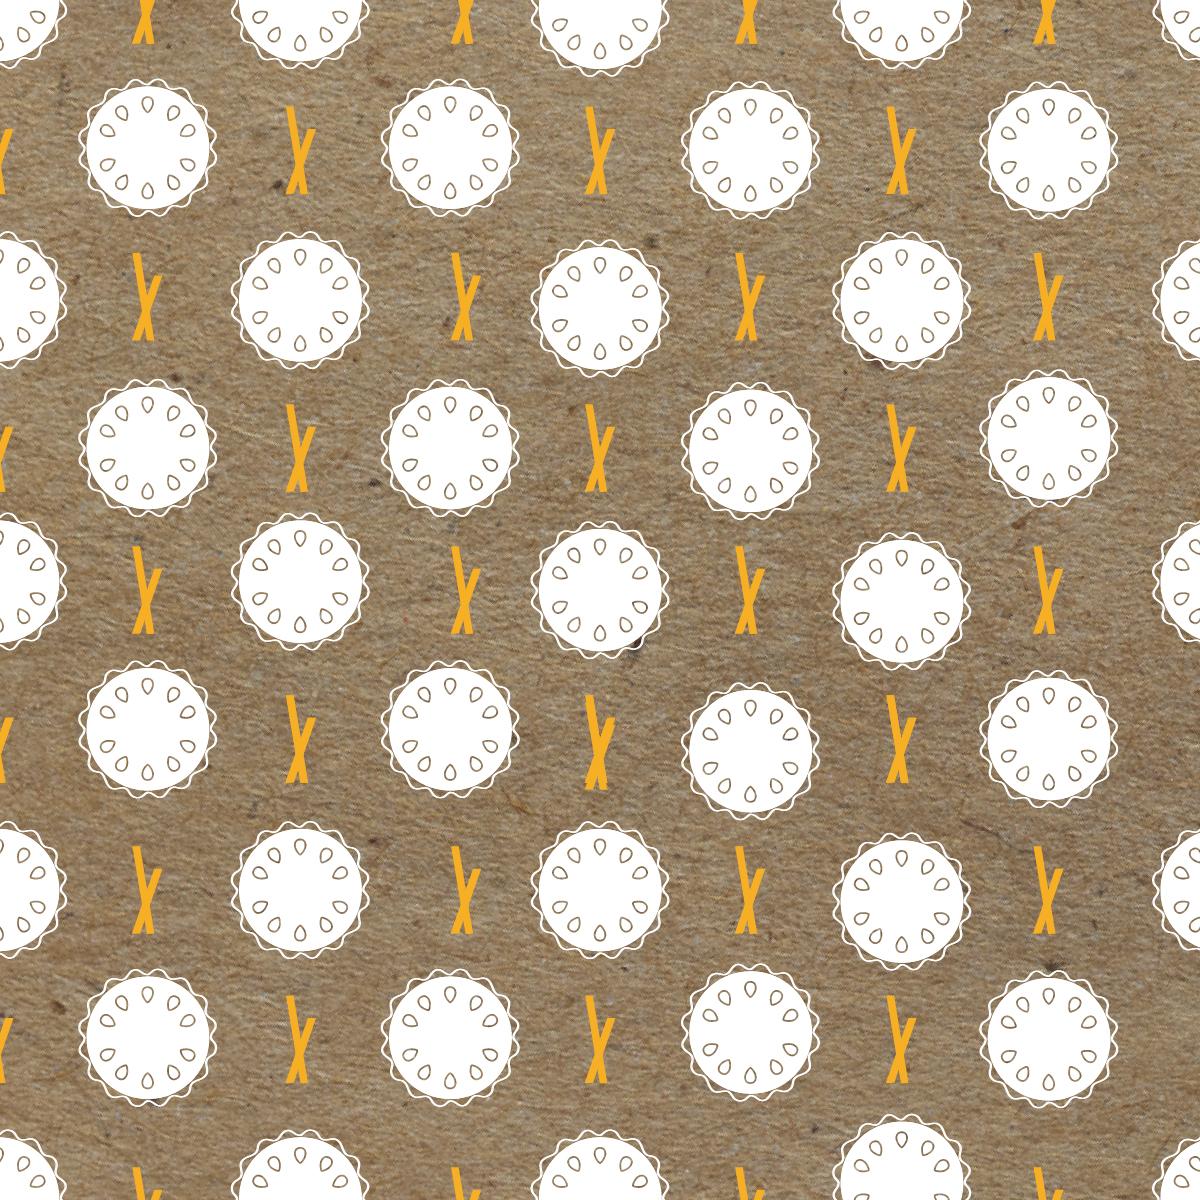 Packaging Patterns-07.jpg